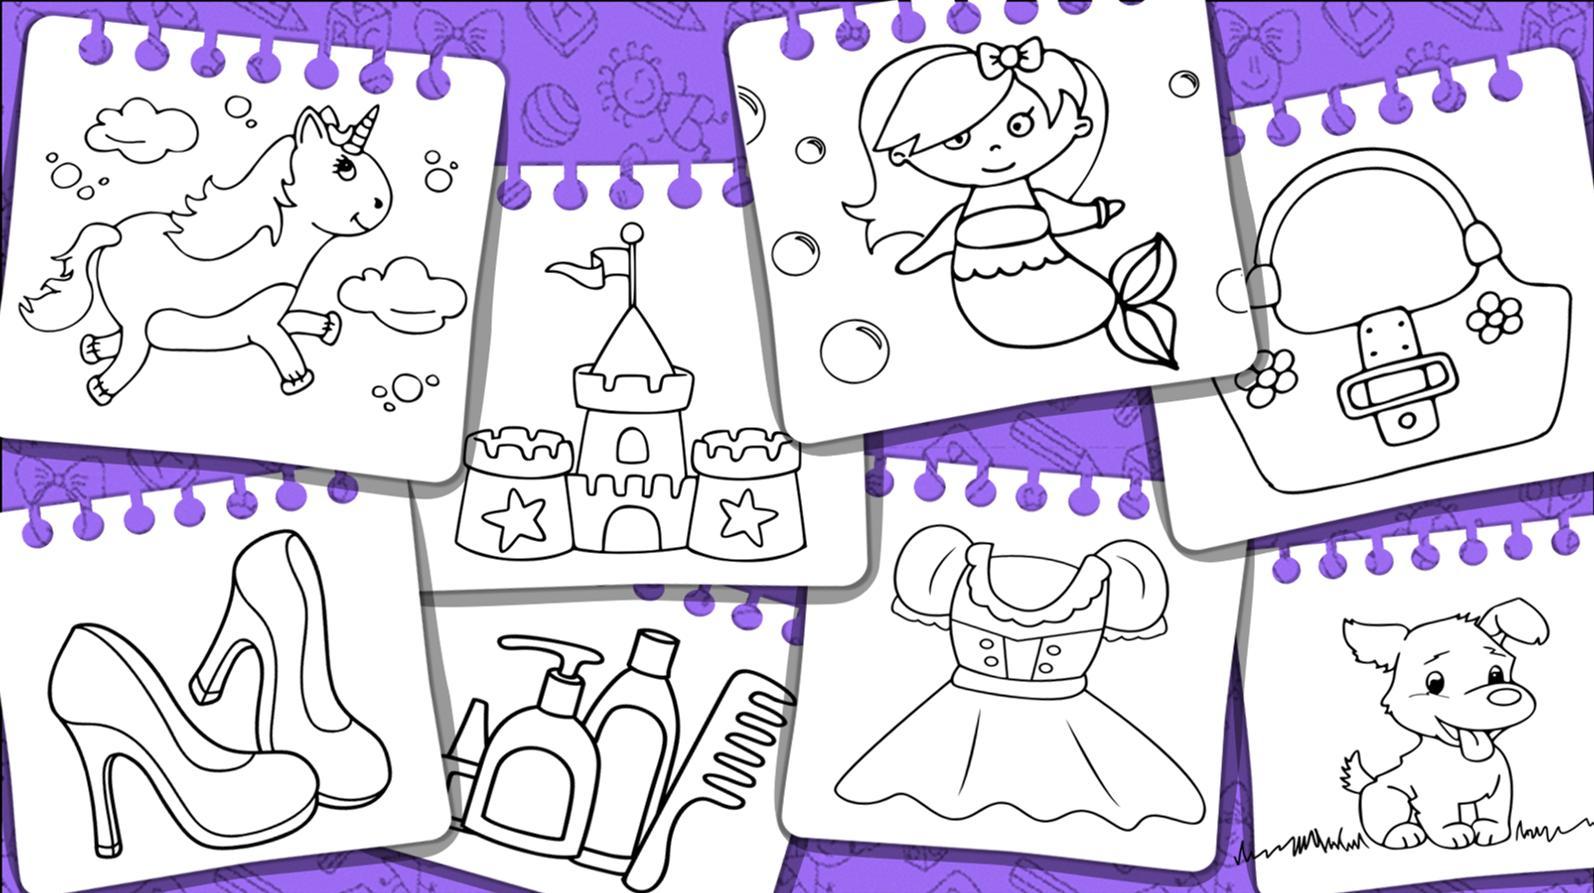 Android Icin Prensesler Boyama Kitabi Ve Oyunlari Apk Yi Indir